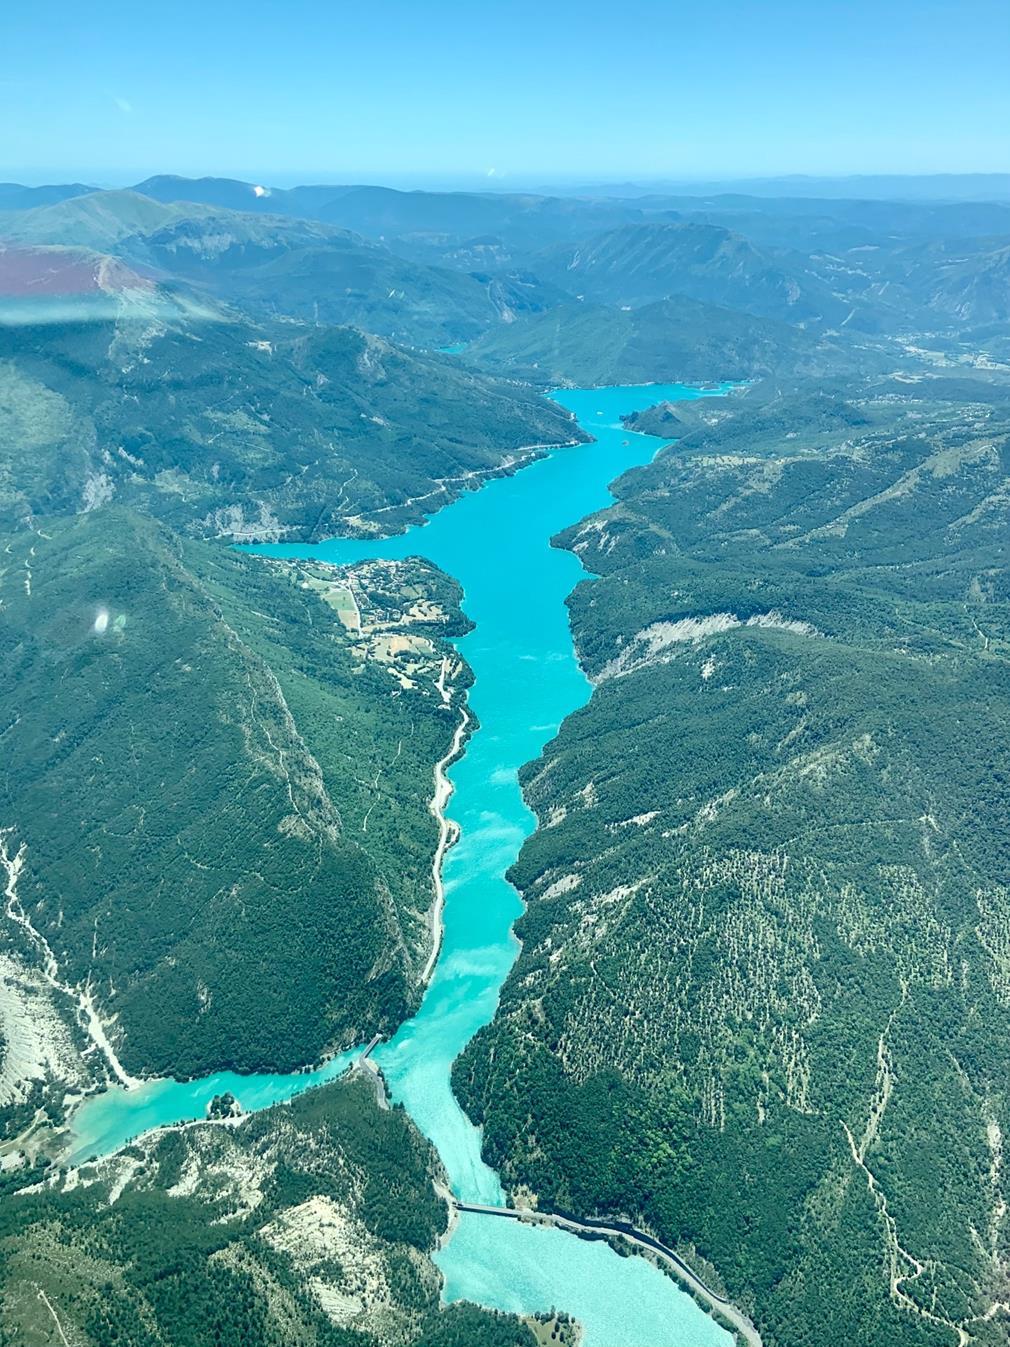 Le lac de Castellane: au milieu des monts recouverts de verdure, le lac serpente entre les roches, tout en longueur et étroitesse, comme une rivière. Son eau est d'un surprenant bleu turquoise.